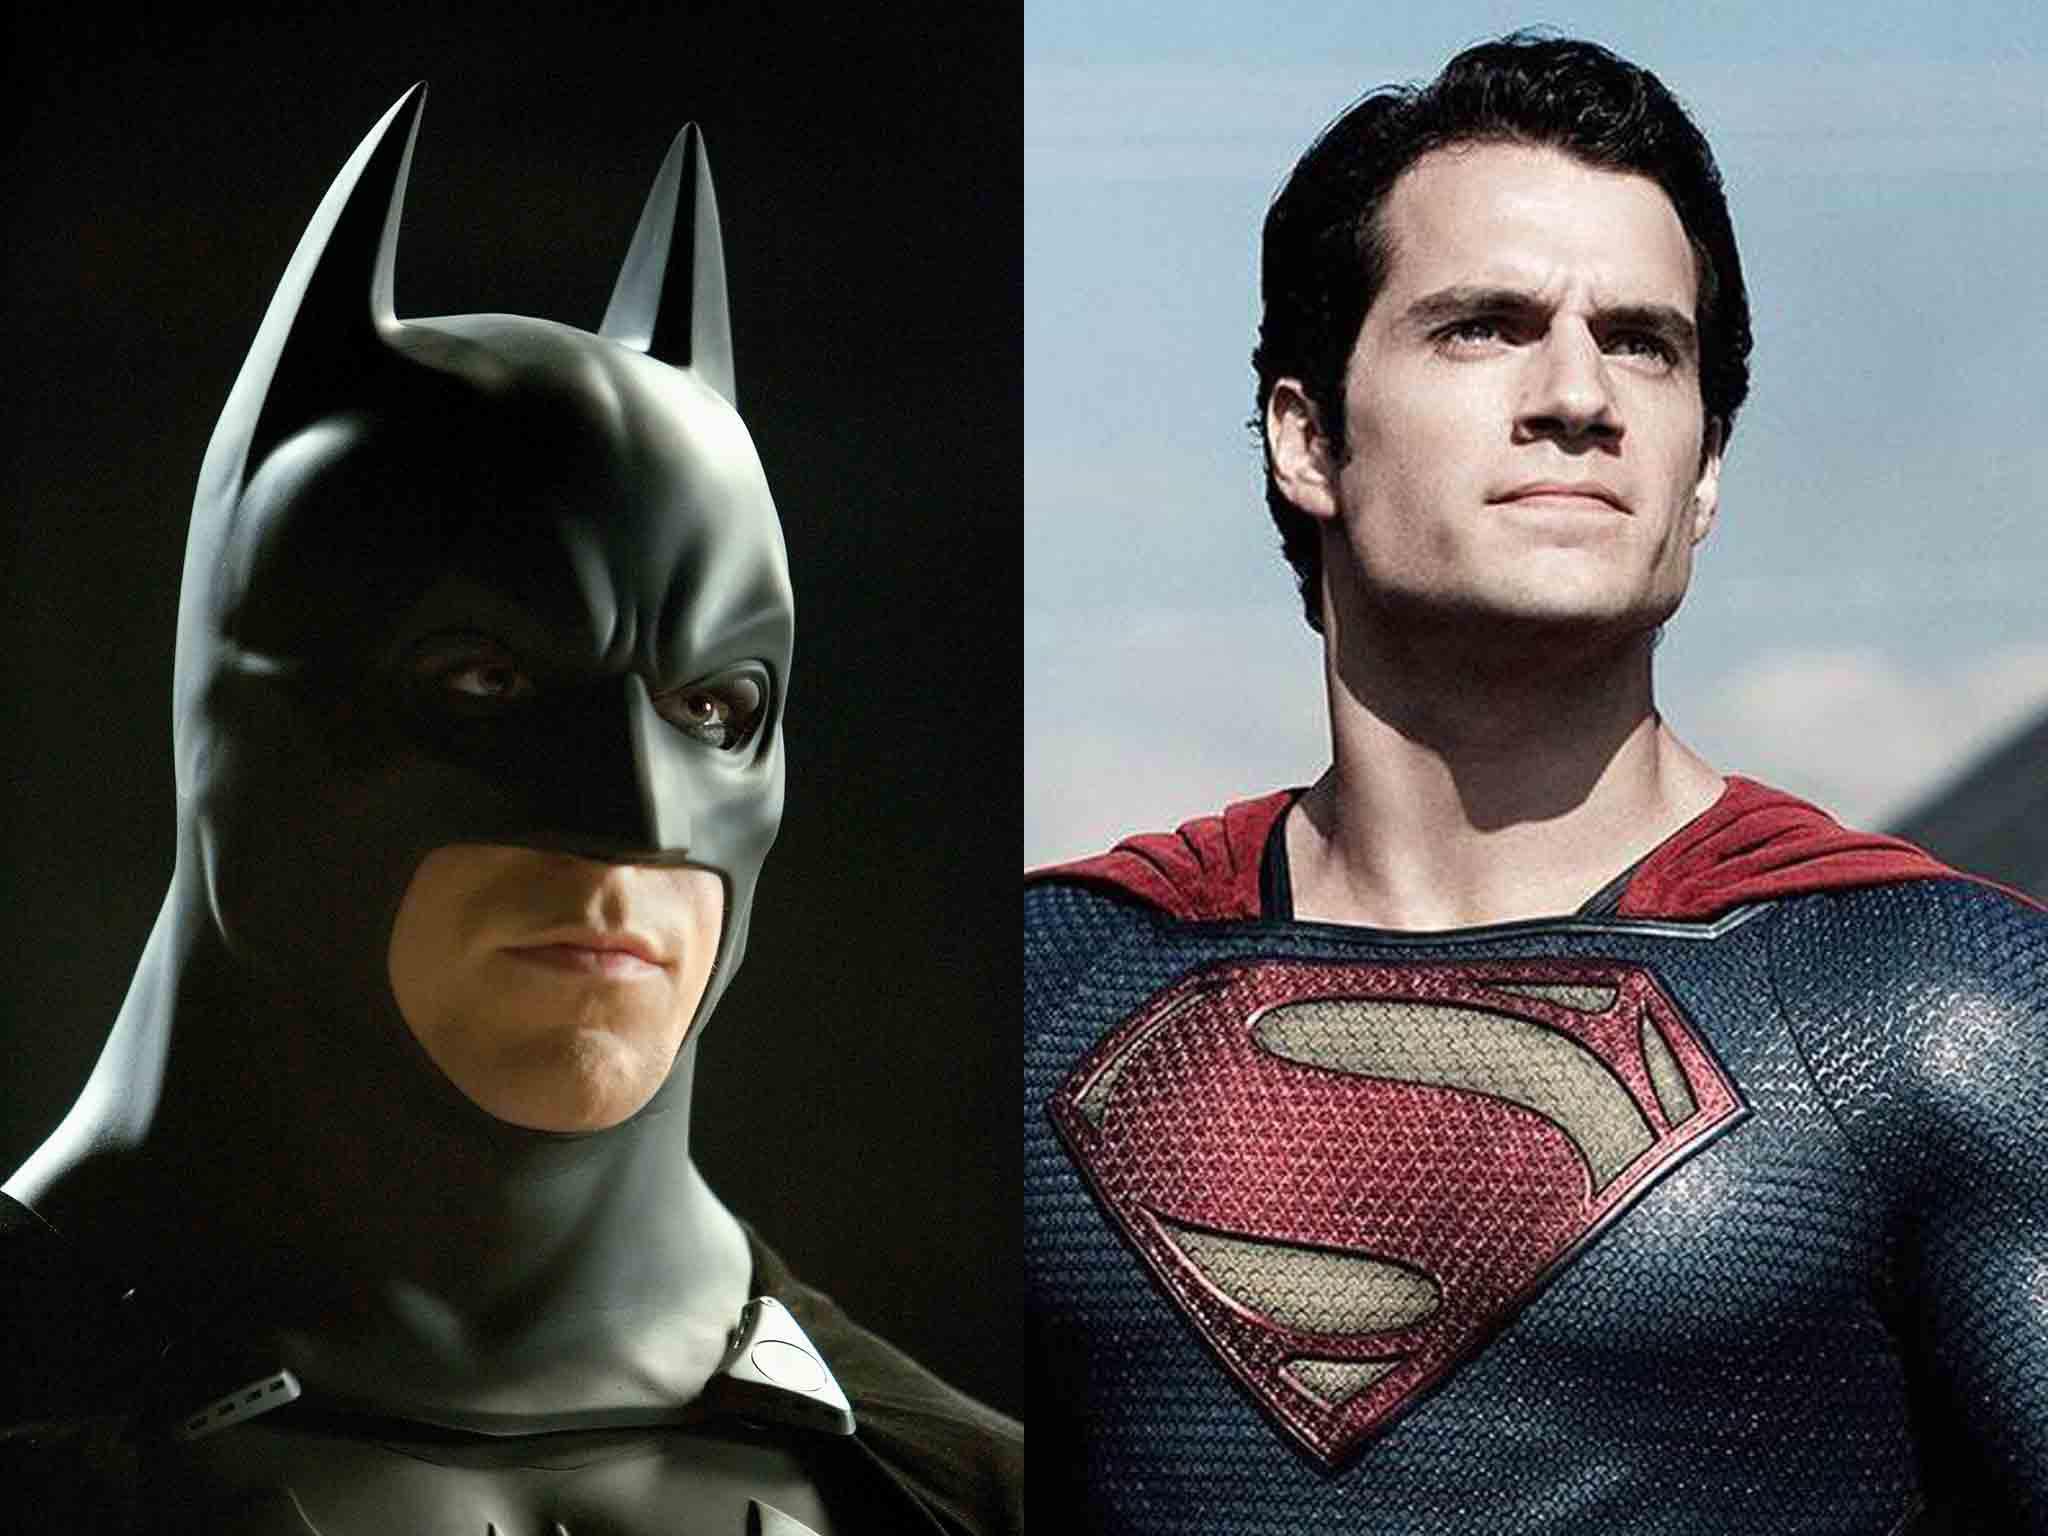 Round three: The modern movie hero